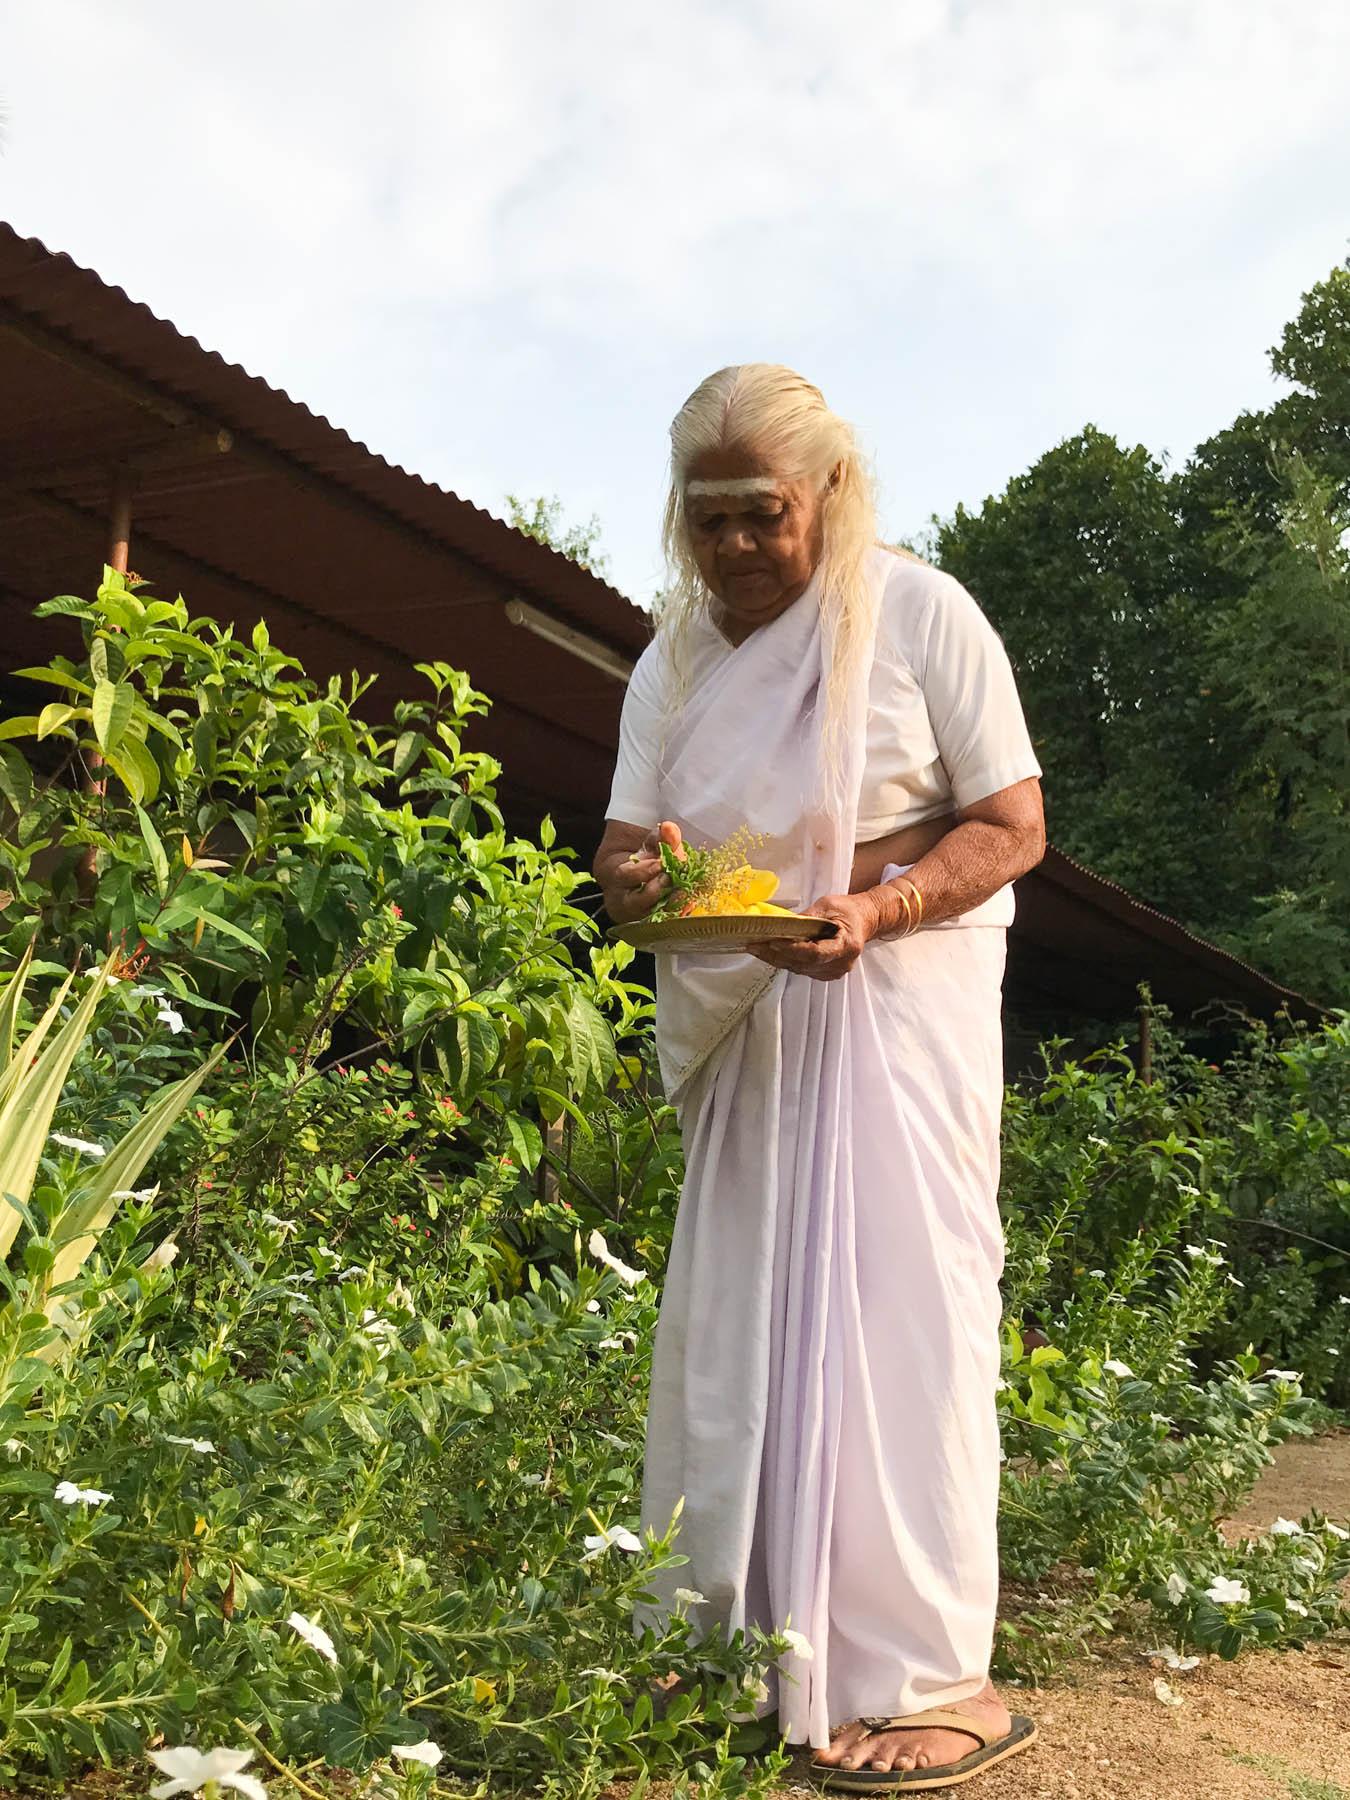 ケララの村のお宅で、トゥルシーなどを摘むおばあさん